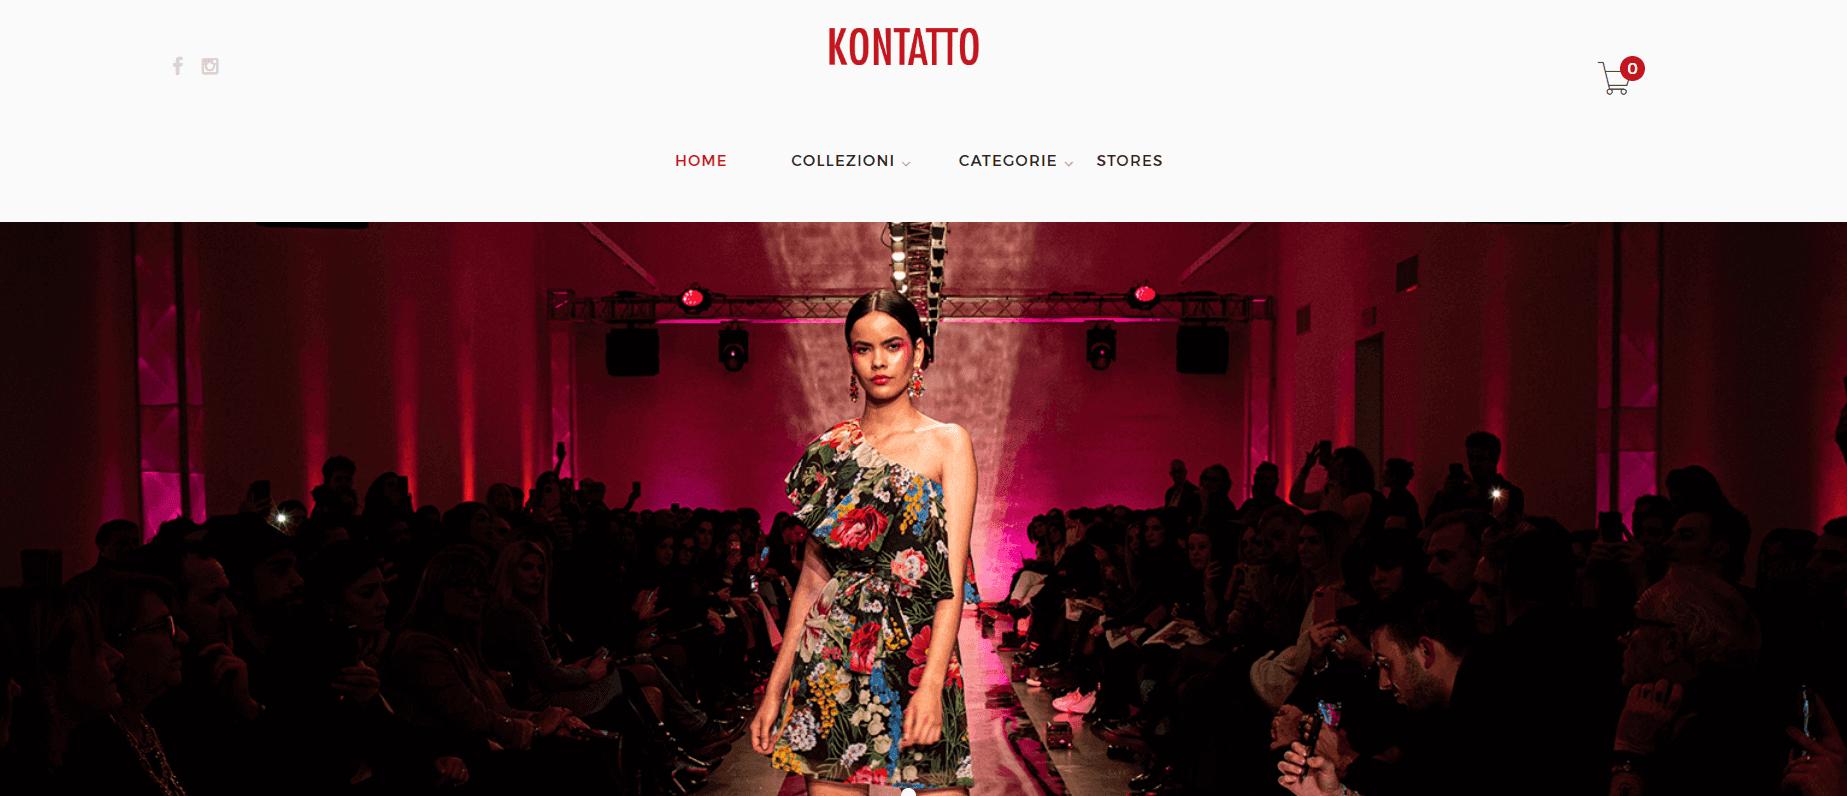 Купівля на Kontatto з доставкою в Україну - myMeest - 2